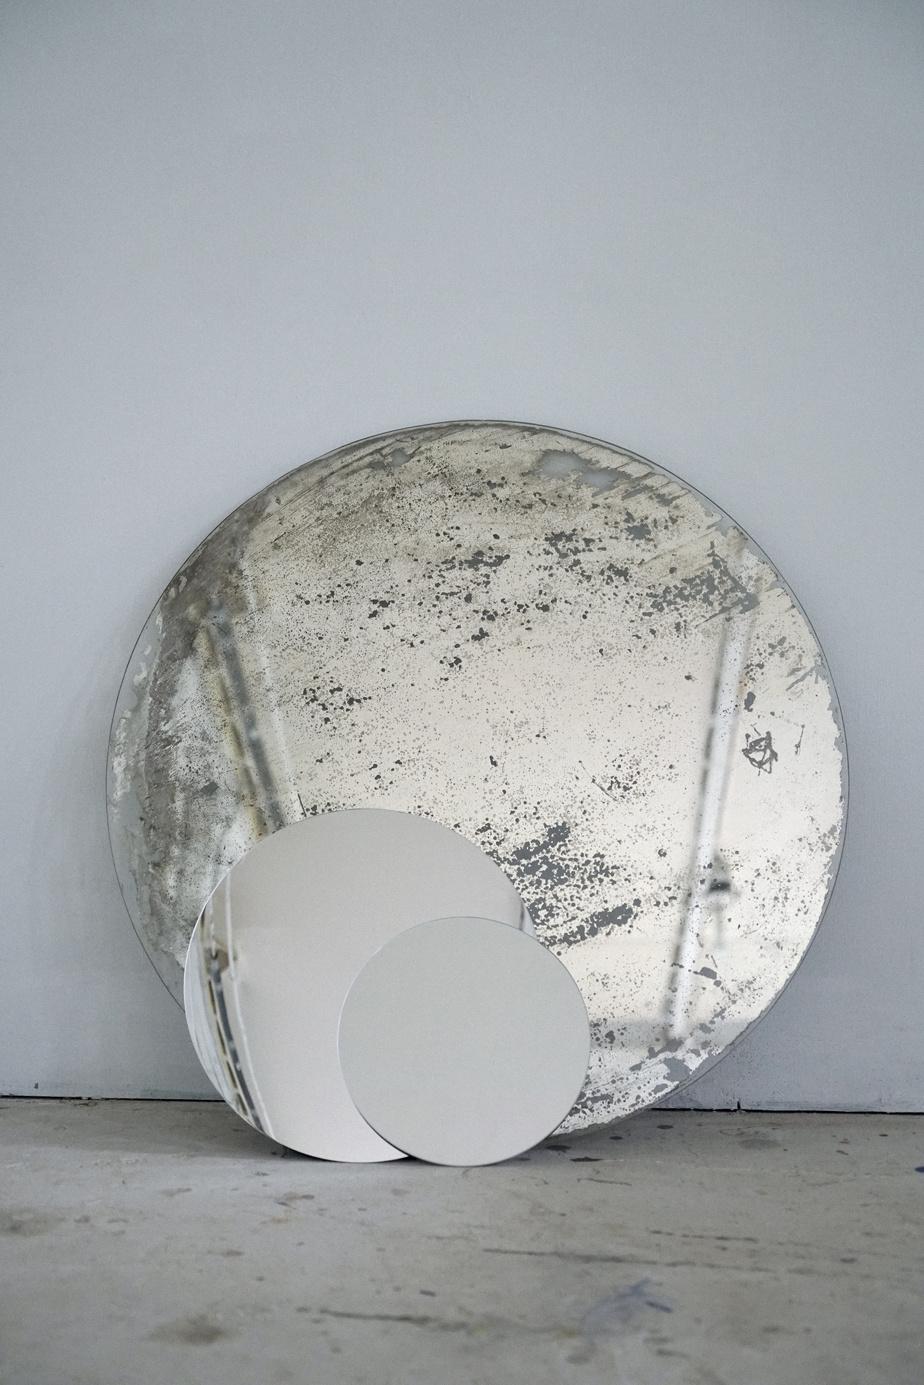 Les astres, 2018-2020, Yann Pocreau, impression numérique, 211cm sur 140cm